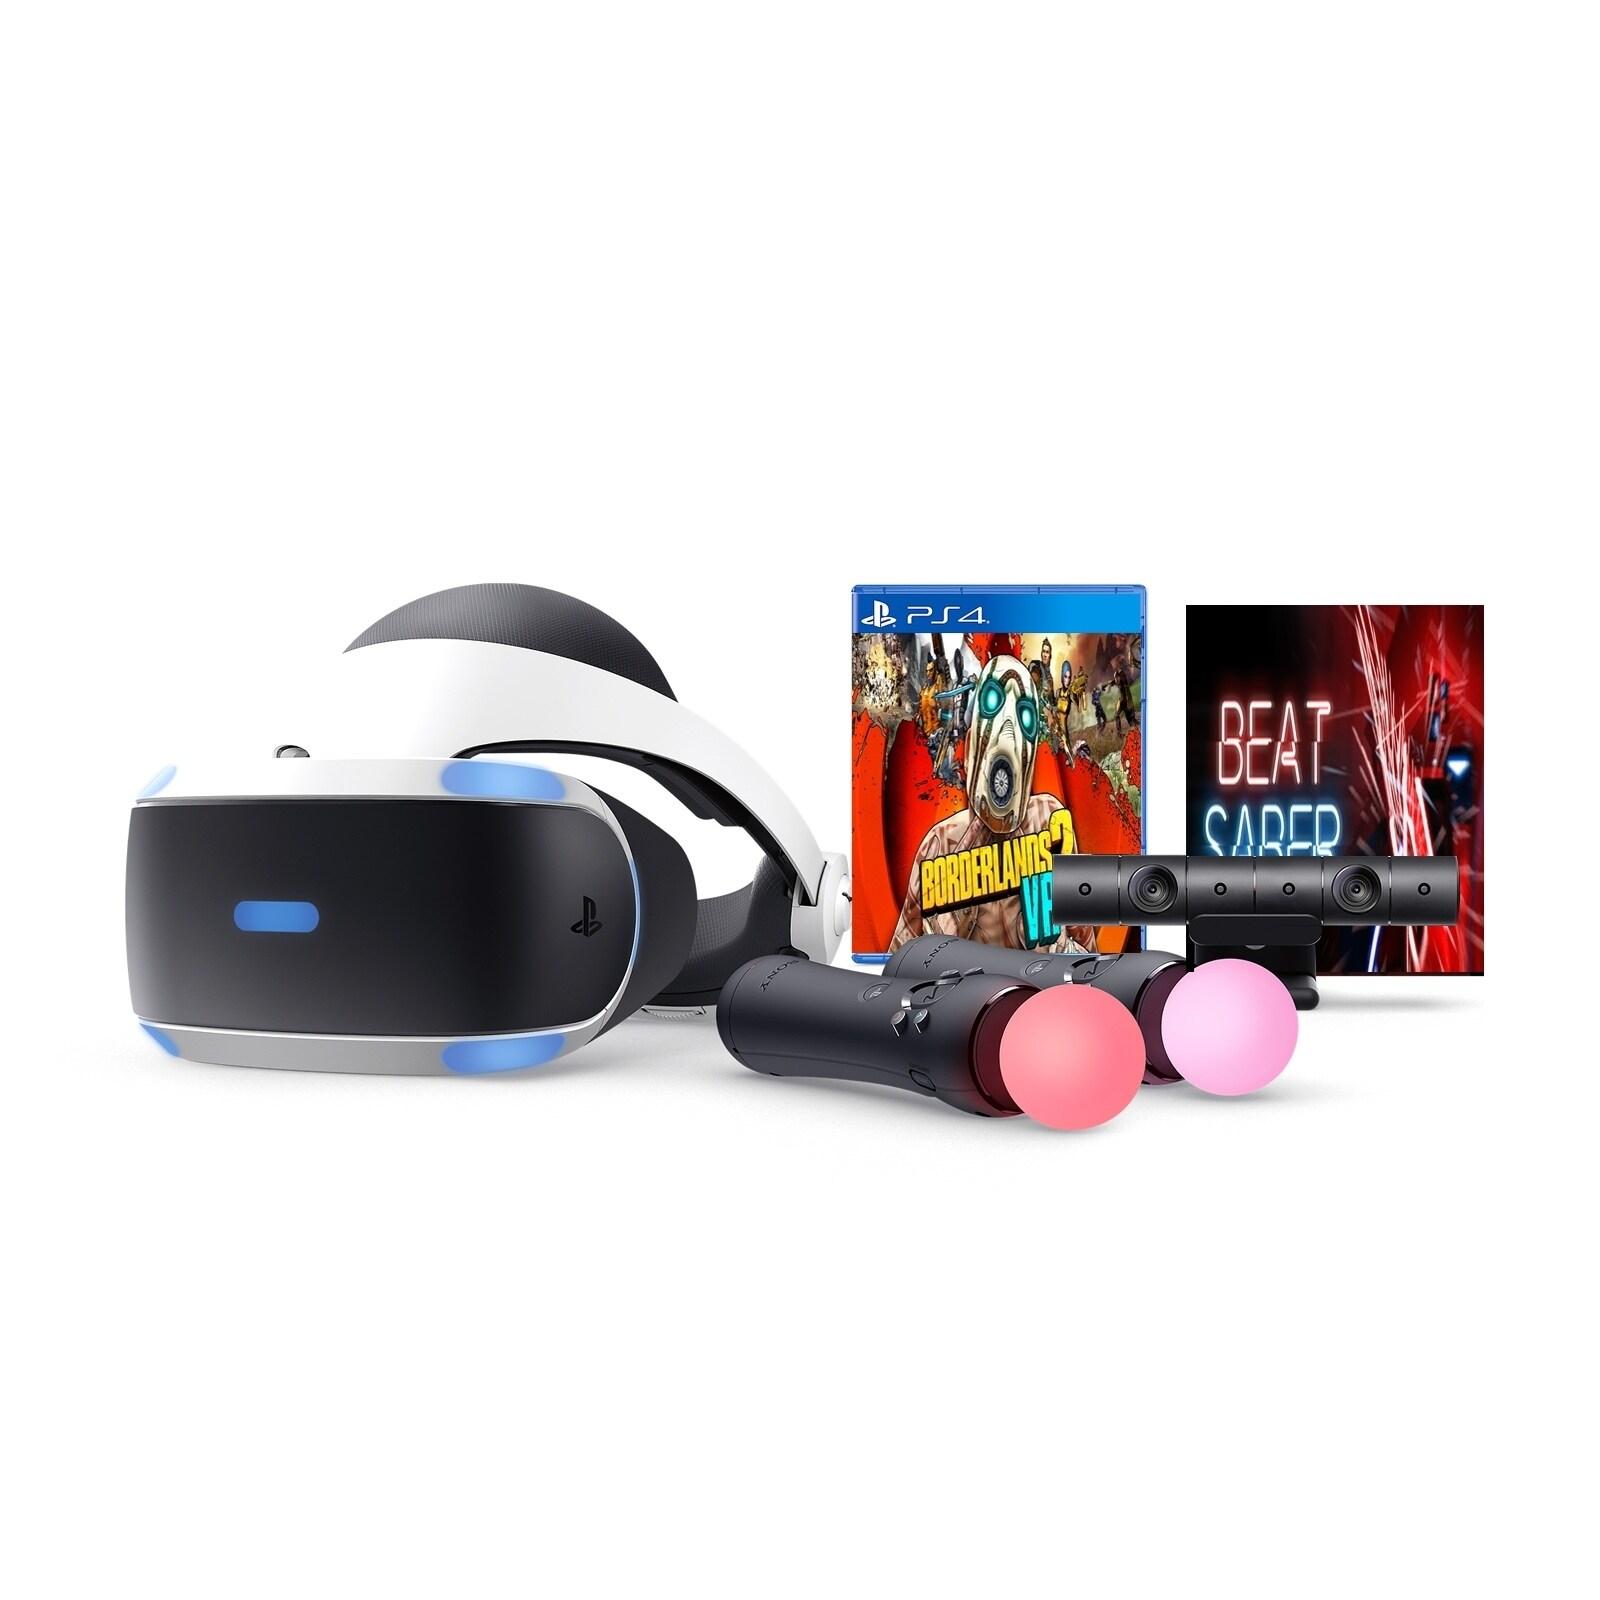 Playstation Vr Borderlands 2 Vr And Beat Saber Bundle Overstock 25482973